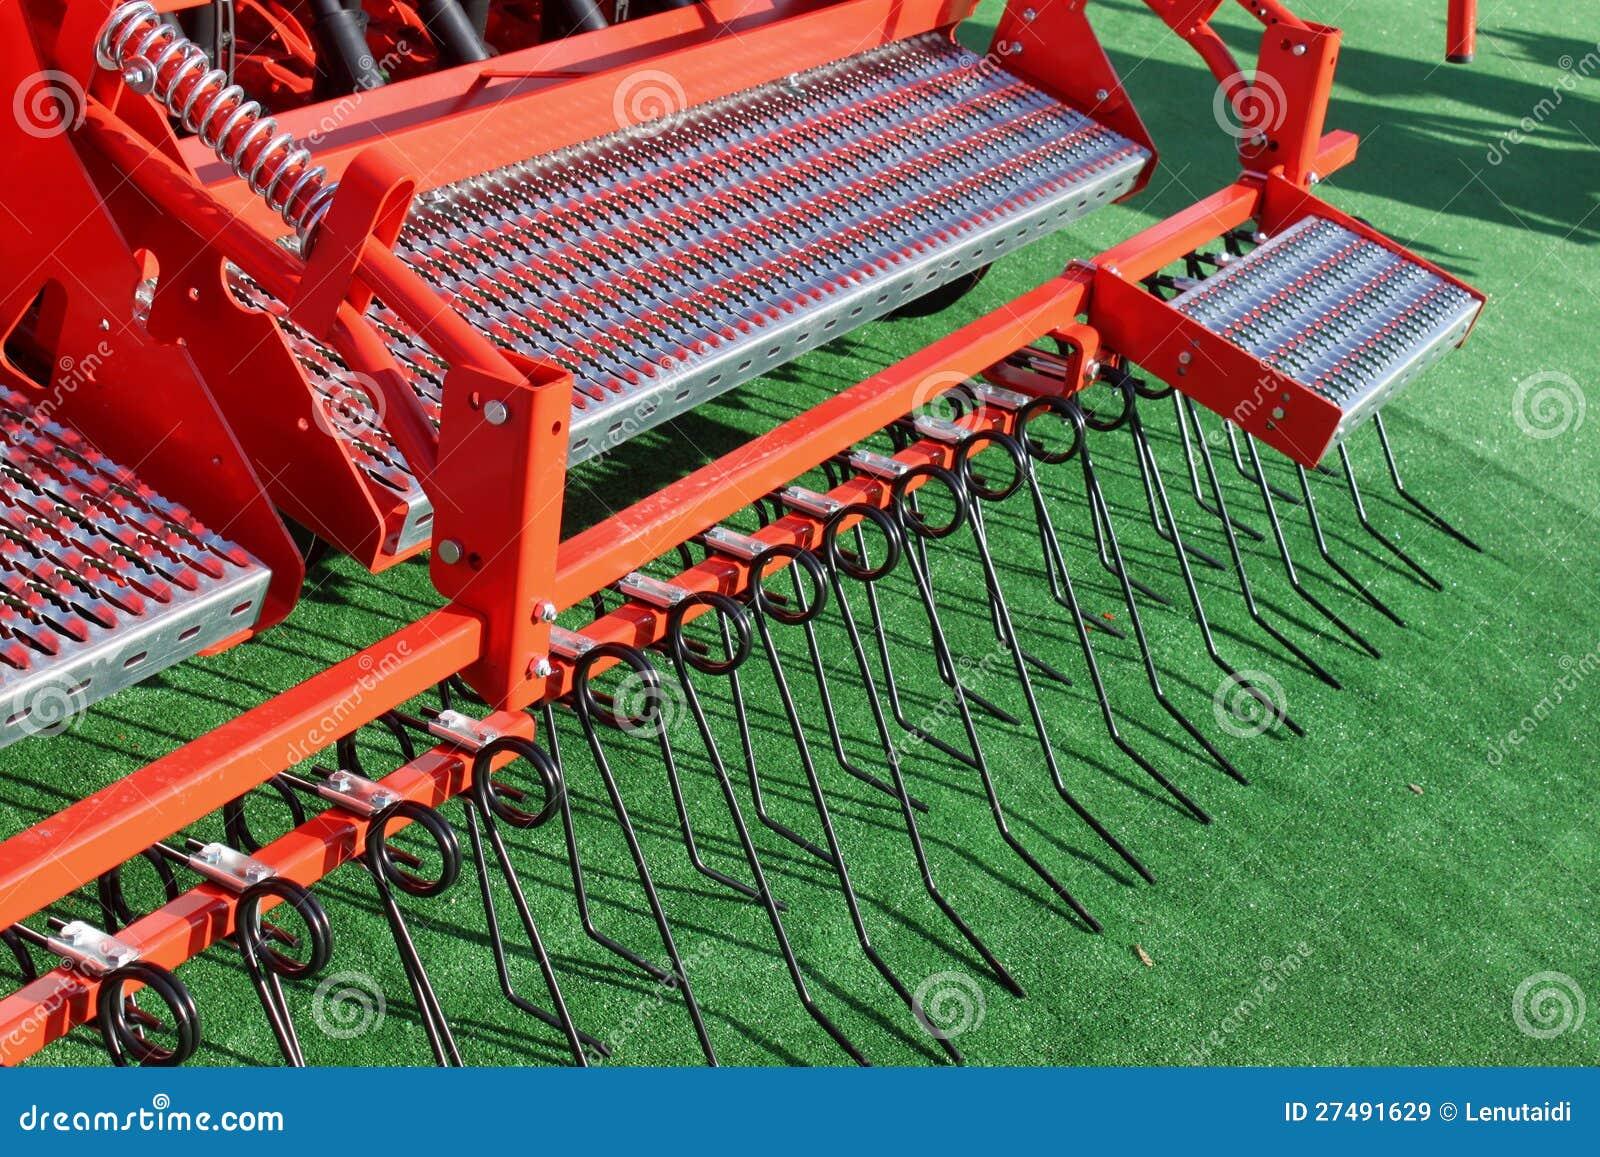 Landbouw apparatuur